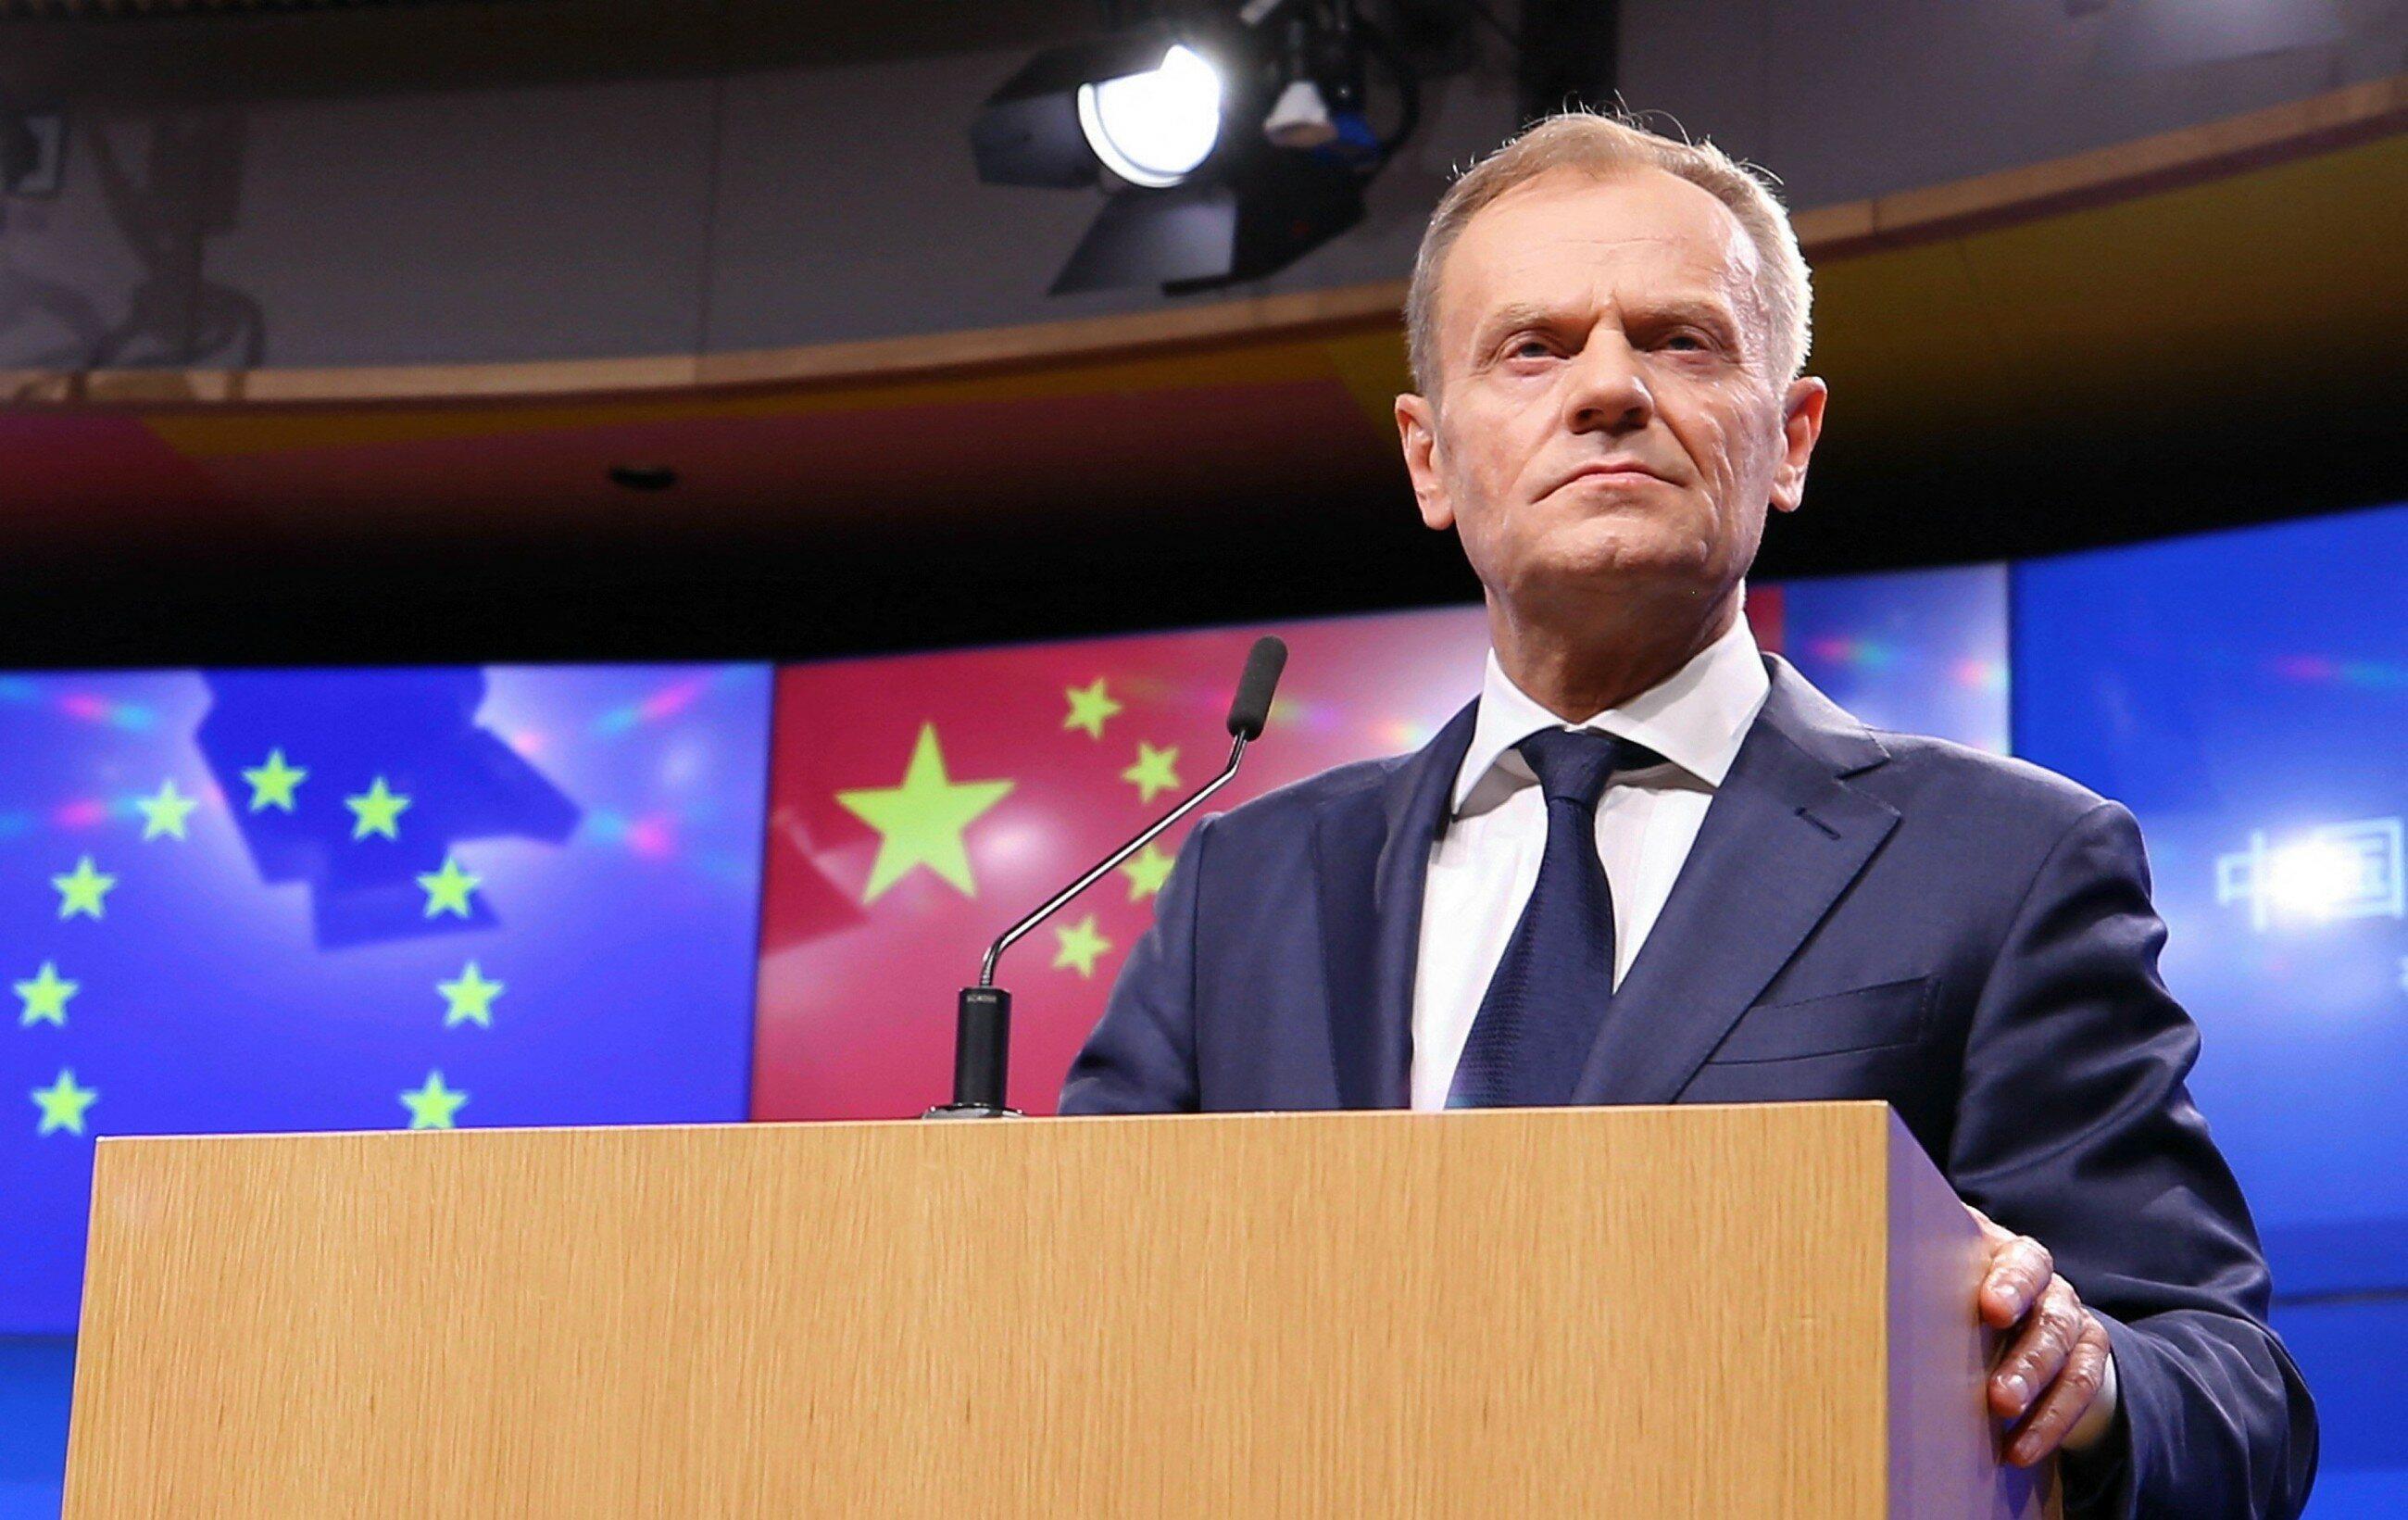 Donald Tusk poinformował, że na początku maja odwiedzi Polskę. Zapowiedział, że: